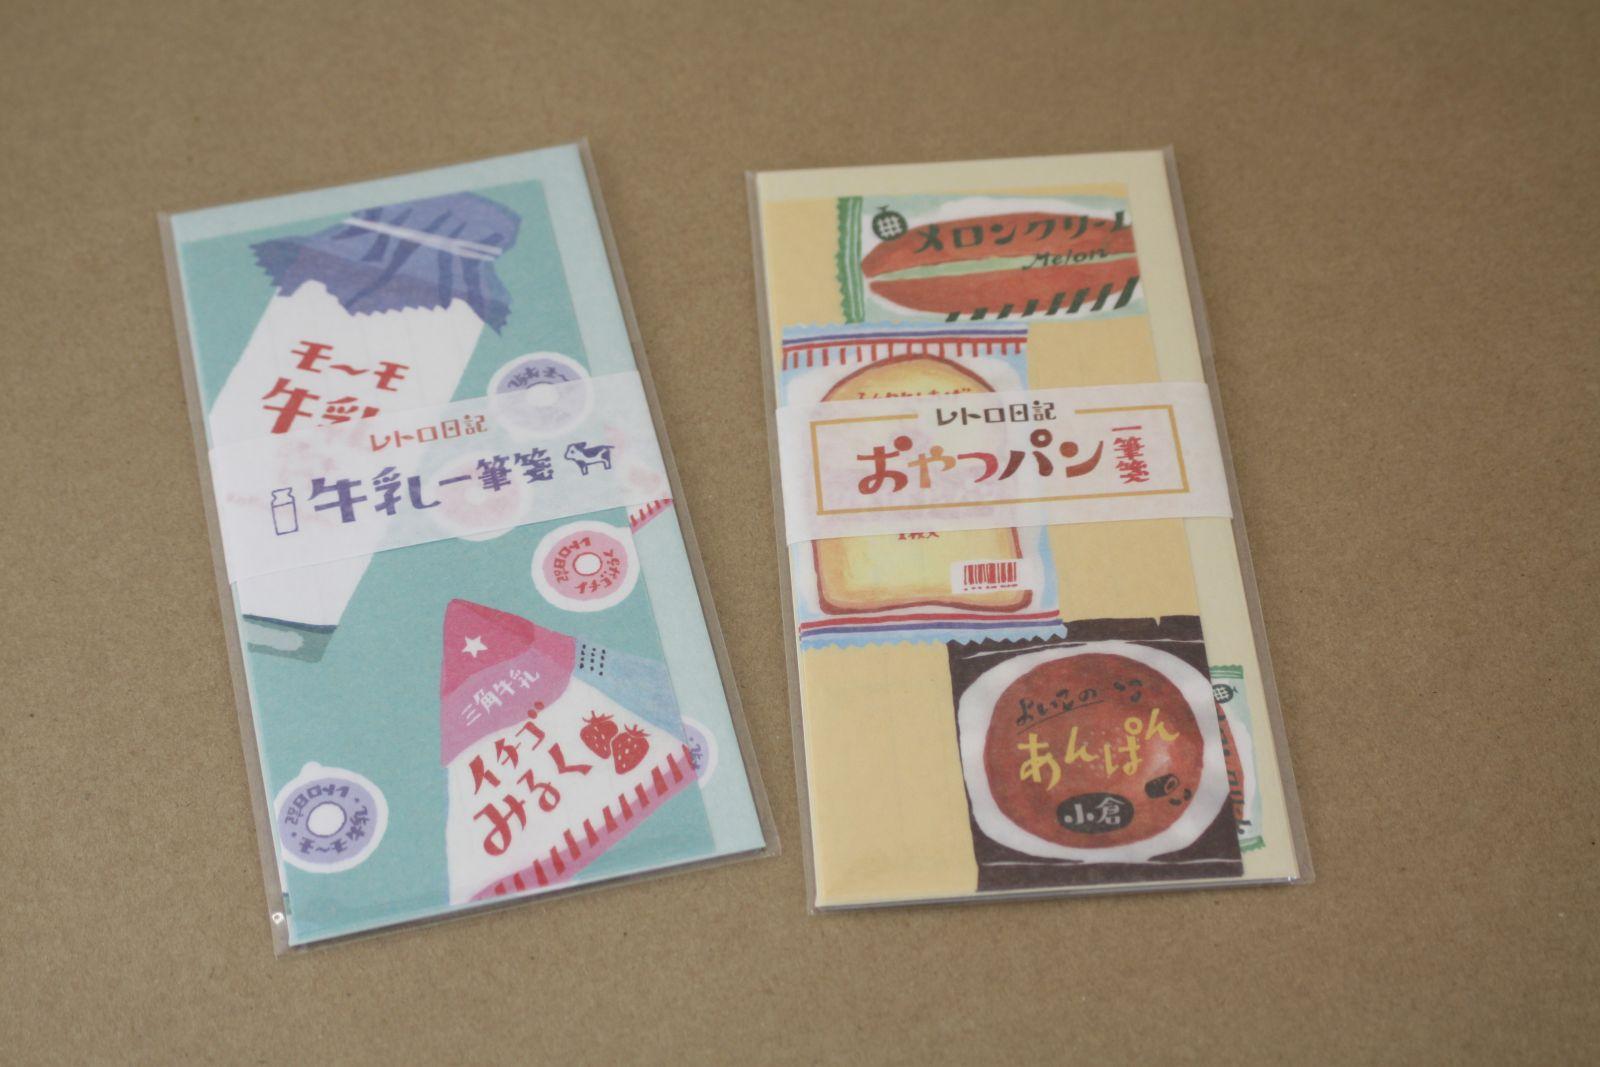 2021年おすすめの文房具25:古川紙工「レトロ日記 一筆箋」